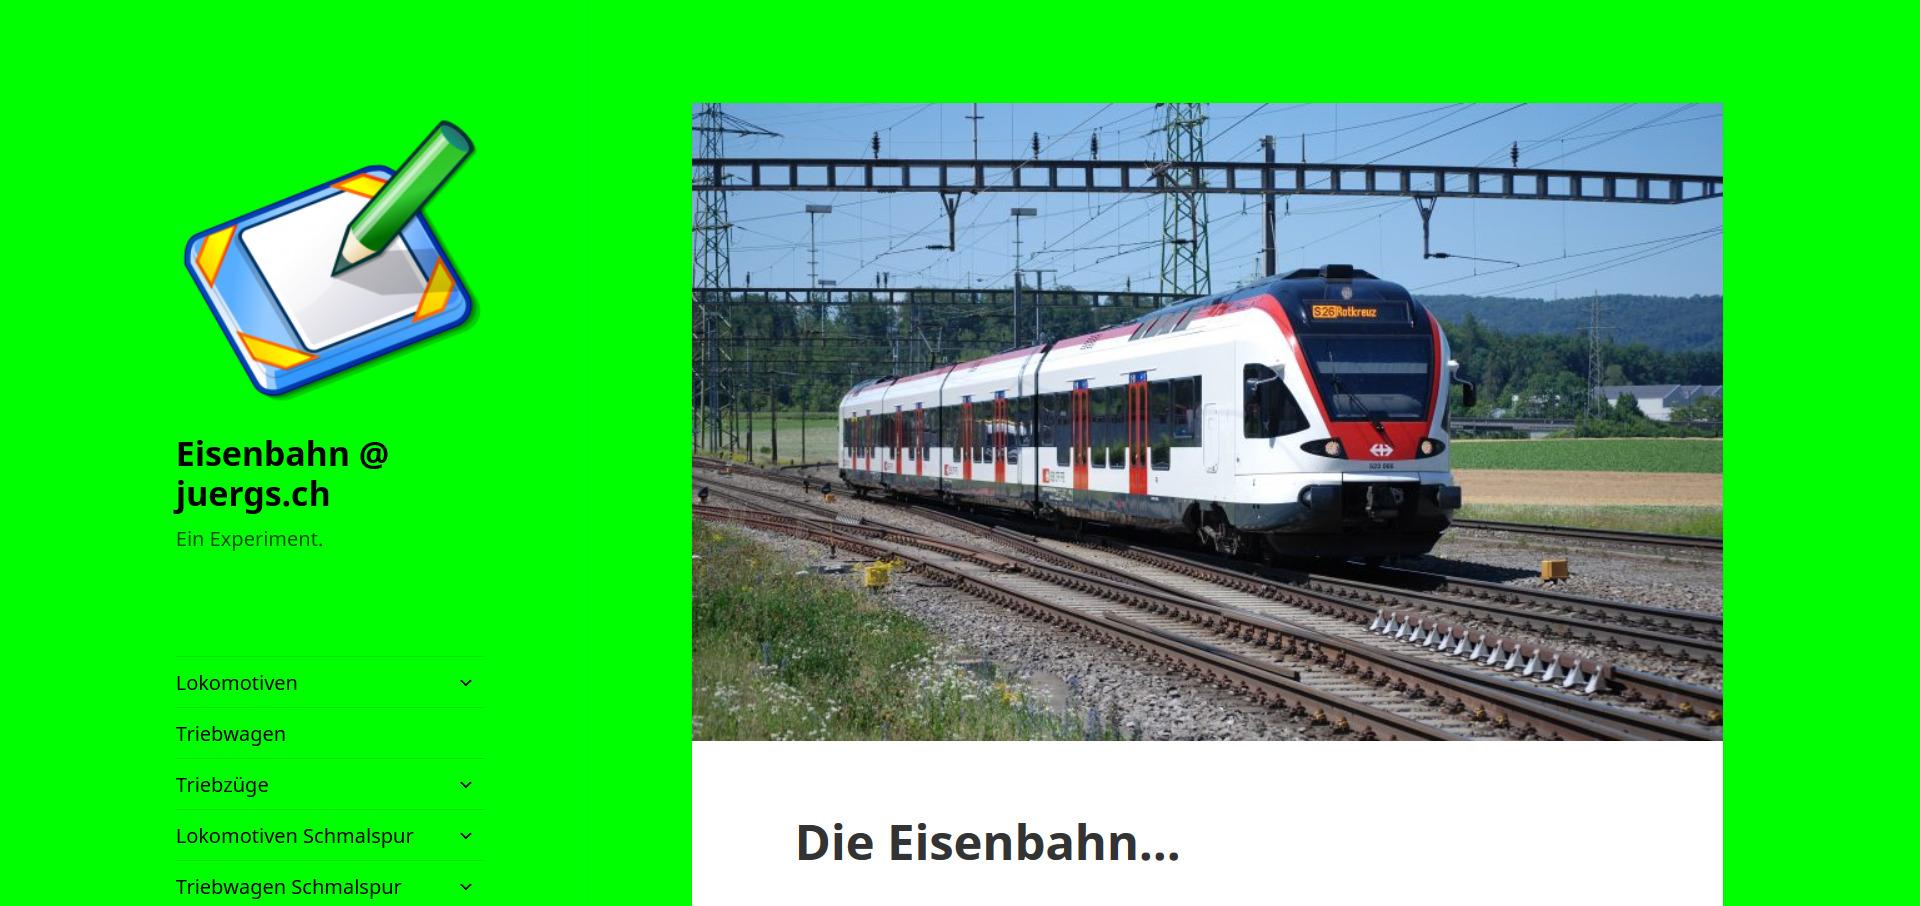 Eisenbahn @ juergs.ch